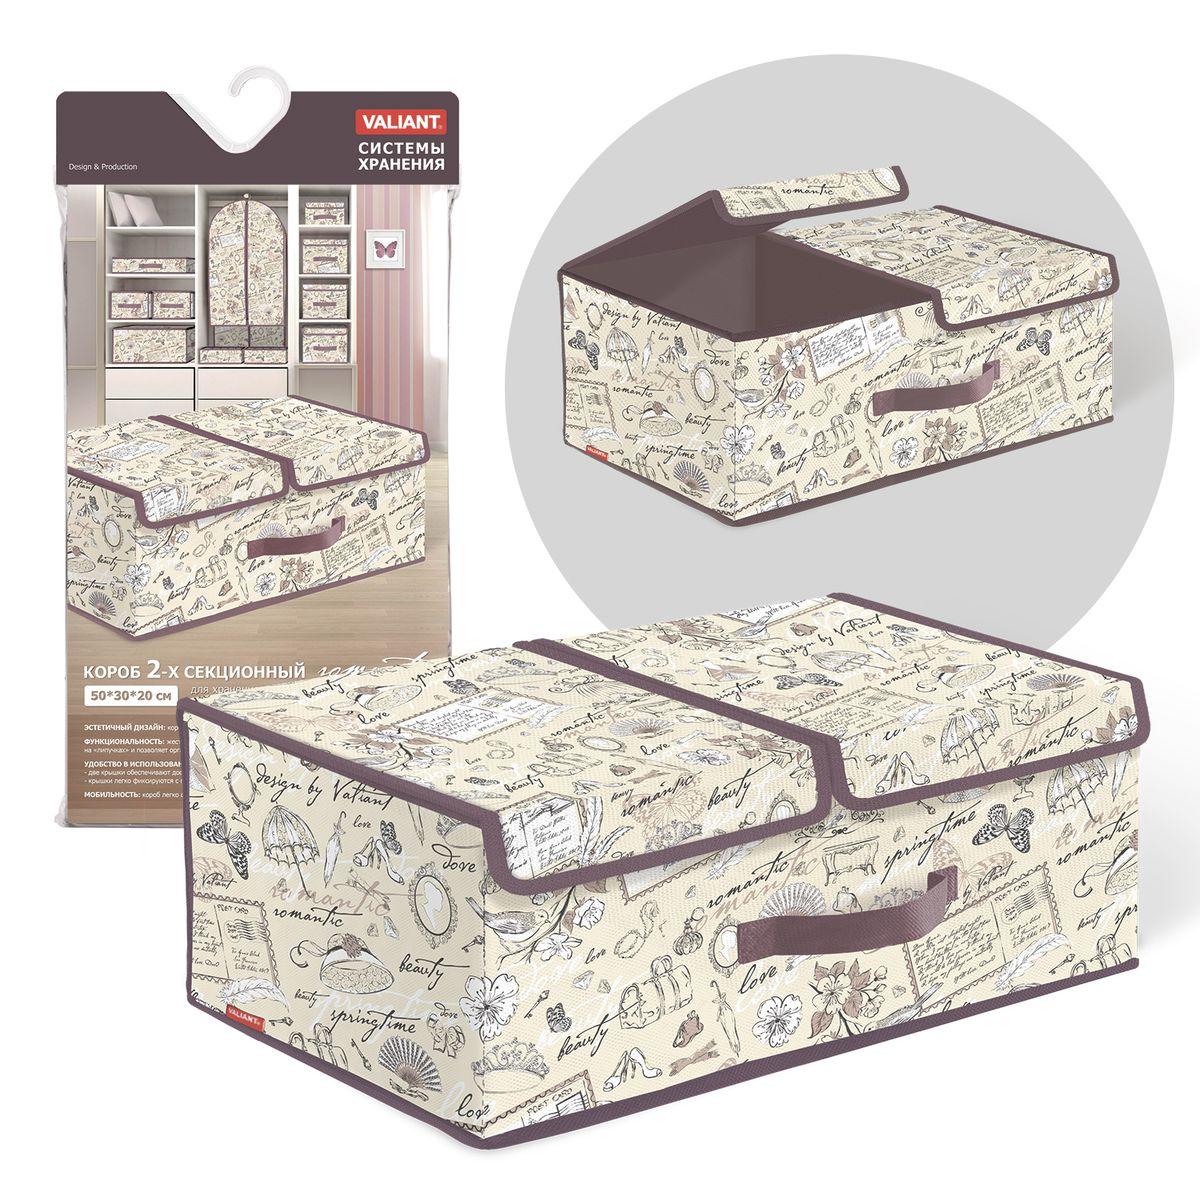 Короб стеллажный Valiant Romantic, двухсекционный, 50 х 30 х 20 см74-0120Стеллажный короб Valiant Romantic изготовлен из высококачественного нетканого материала, который обеспечивает естественную вентиляцию, позволяя воздуху проникать внутрь, но не пропускает пыль. Вставки из плотного картона хорошо держат форму. Короб предназначен для хранения одежды, белья, мелких вещей. Жесткая съемная перегородка крепится на липучки и позволяет организовать внутри короба две секции. Две крышки обеспечивают доступ к содержимому каждой секции. Крышки фиксируются с помощью специальных магнитов. Изделие отличается мобильностью: легко раскладывается и складывается. Спереди расположена ручка. Система хранения Romantic создаст трогательную атмосферу романтического настроения в женском гардеробе. Оригинальный дизайн придется по вкусу ценительницам эстетичного хранения. Системы хранения в едином дизайне сделают вашу гардеробную изысканной и невероятно стильной.